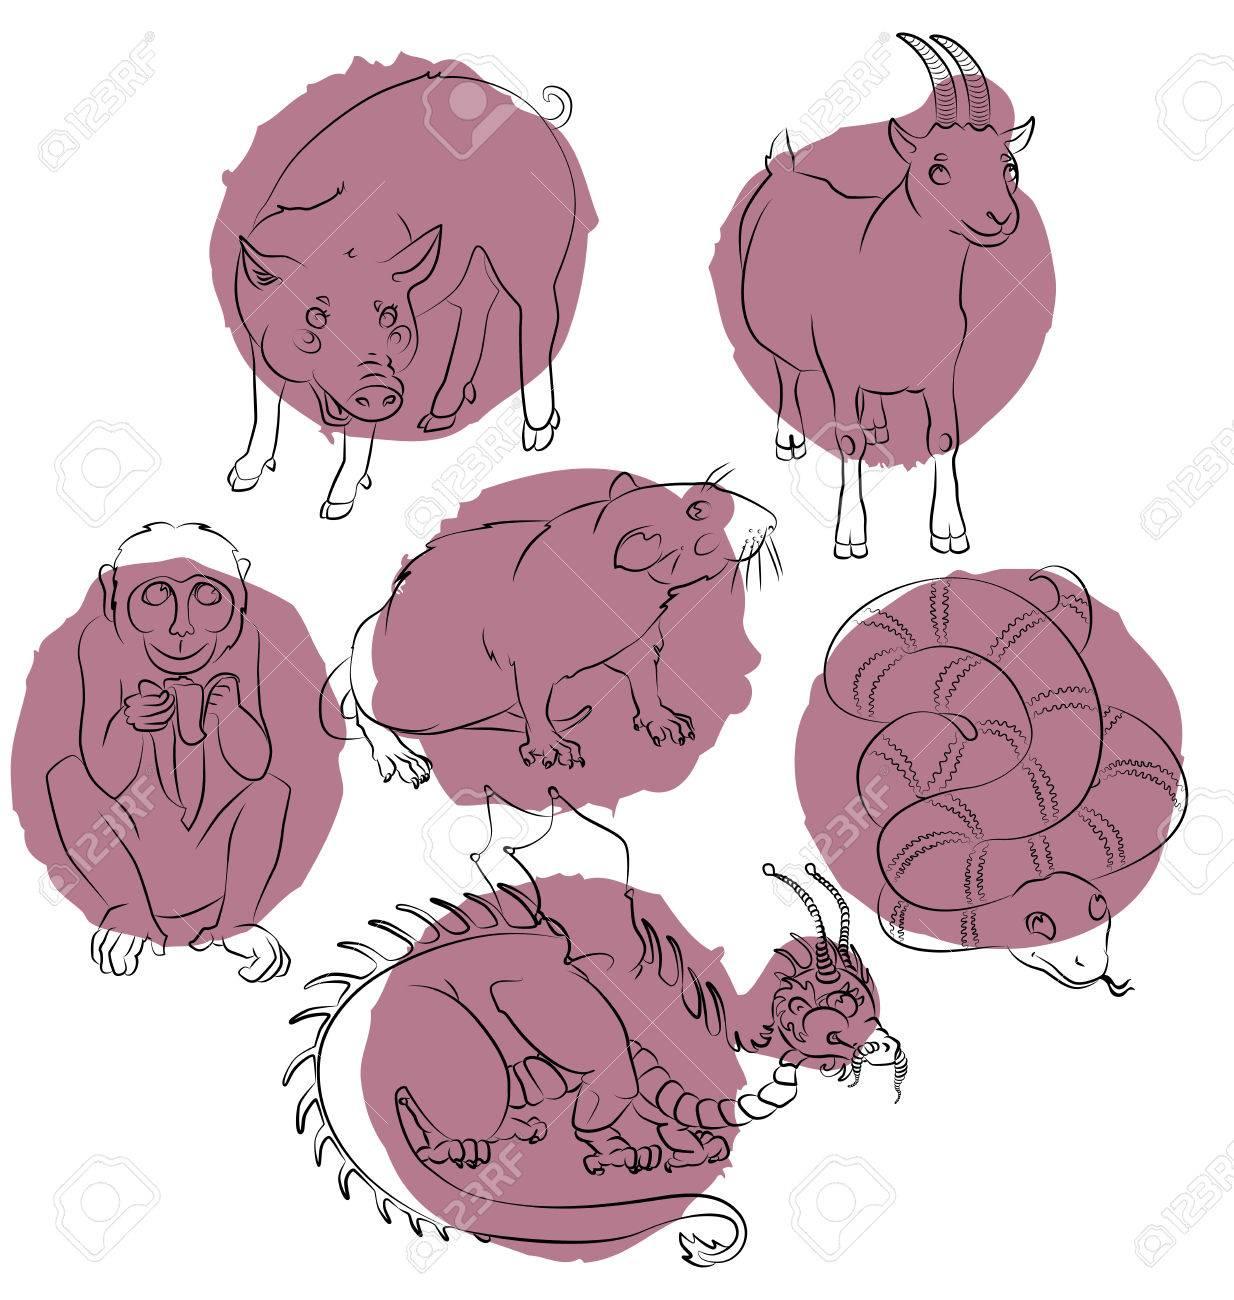 Sechs Chinesische Kalendertiere, Drache, Schlange, Schwein, Ratte ...